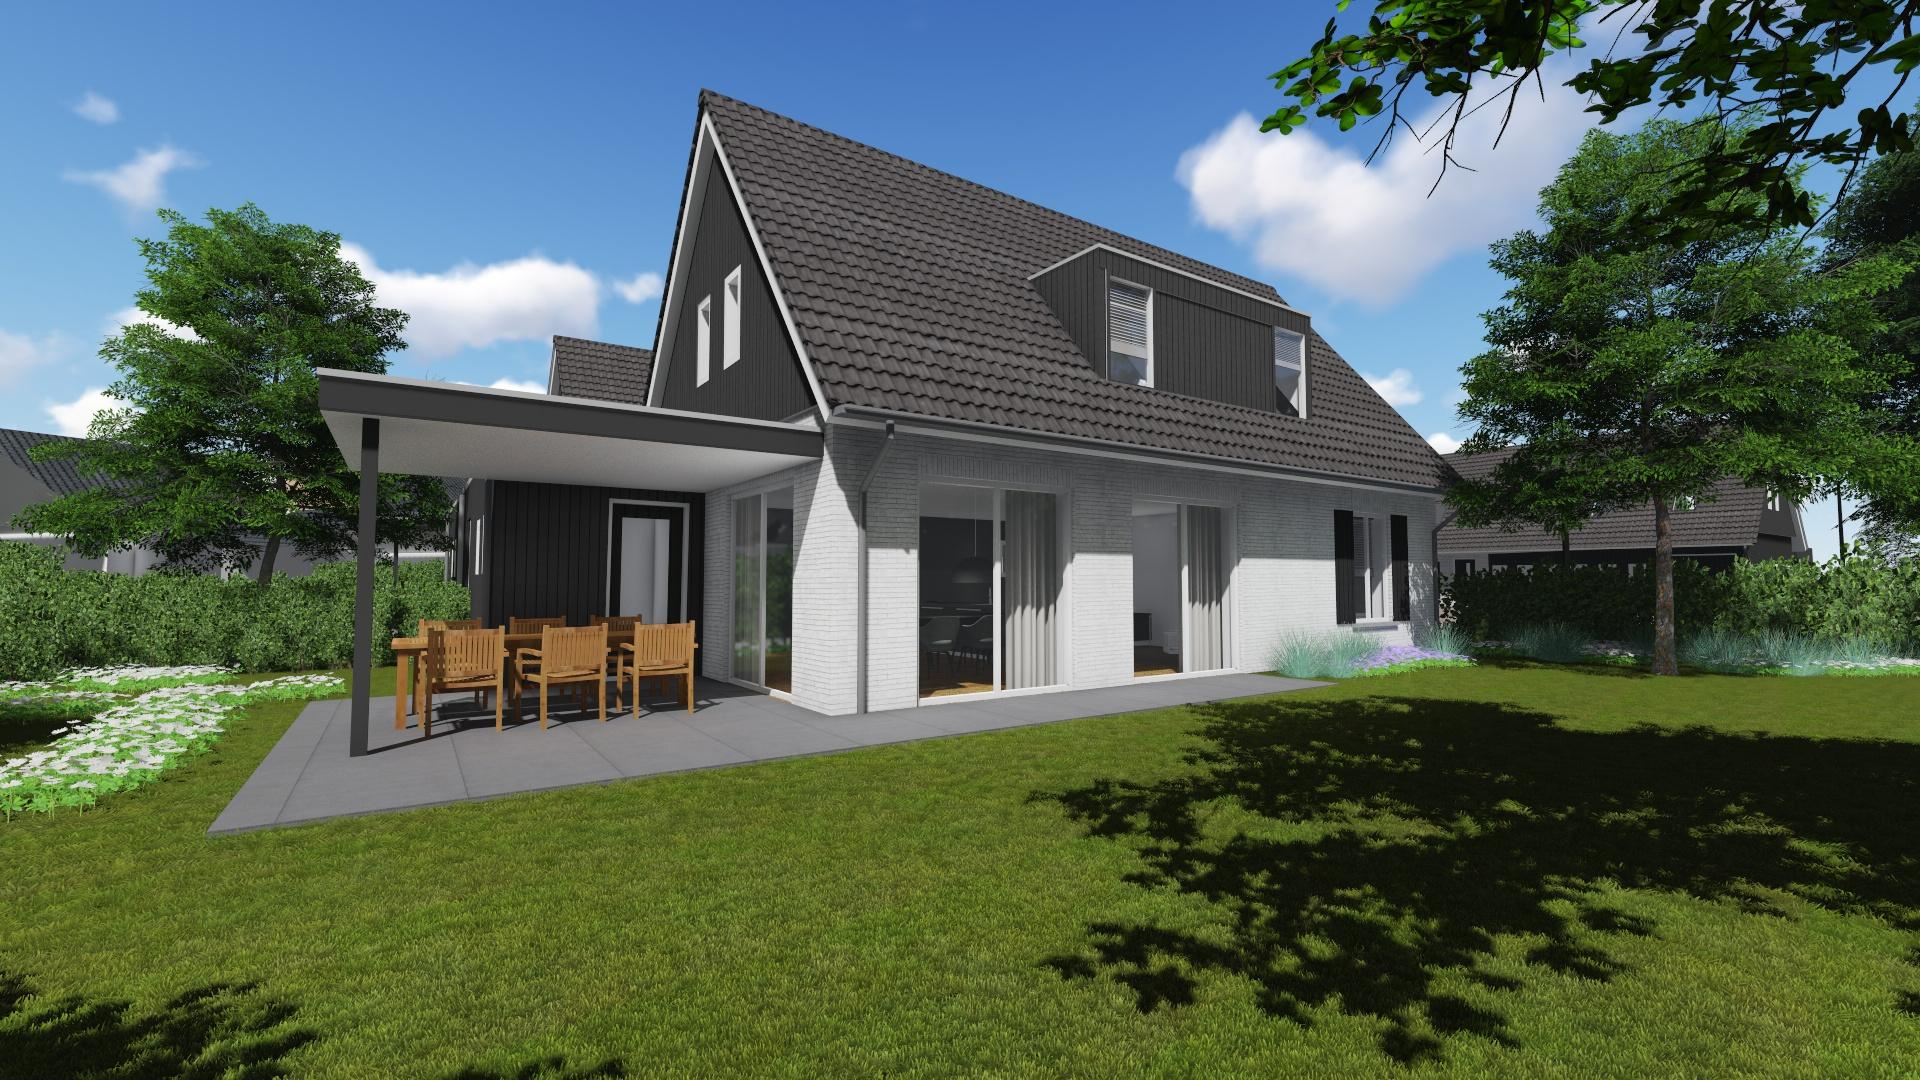 Woonerf Ede Tenback de Groof architect Nuenen